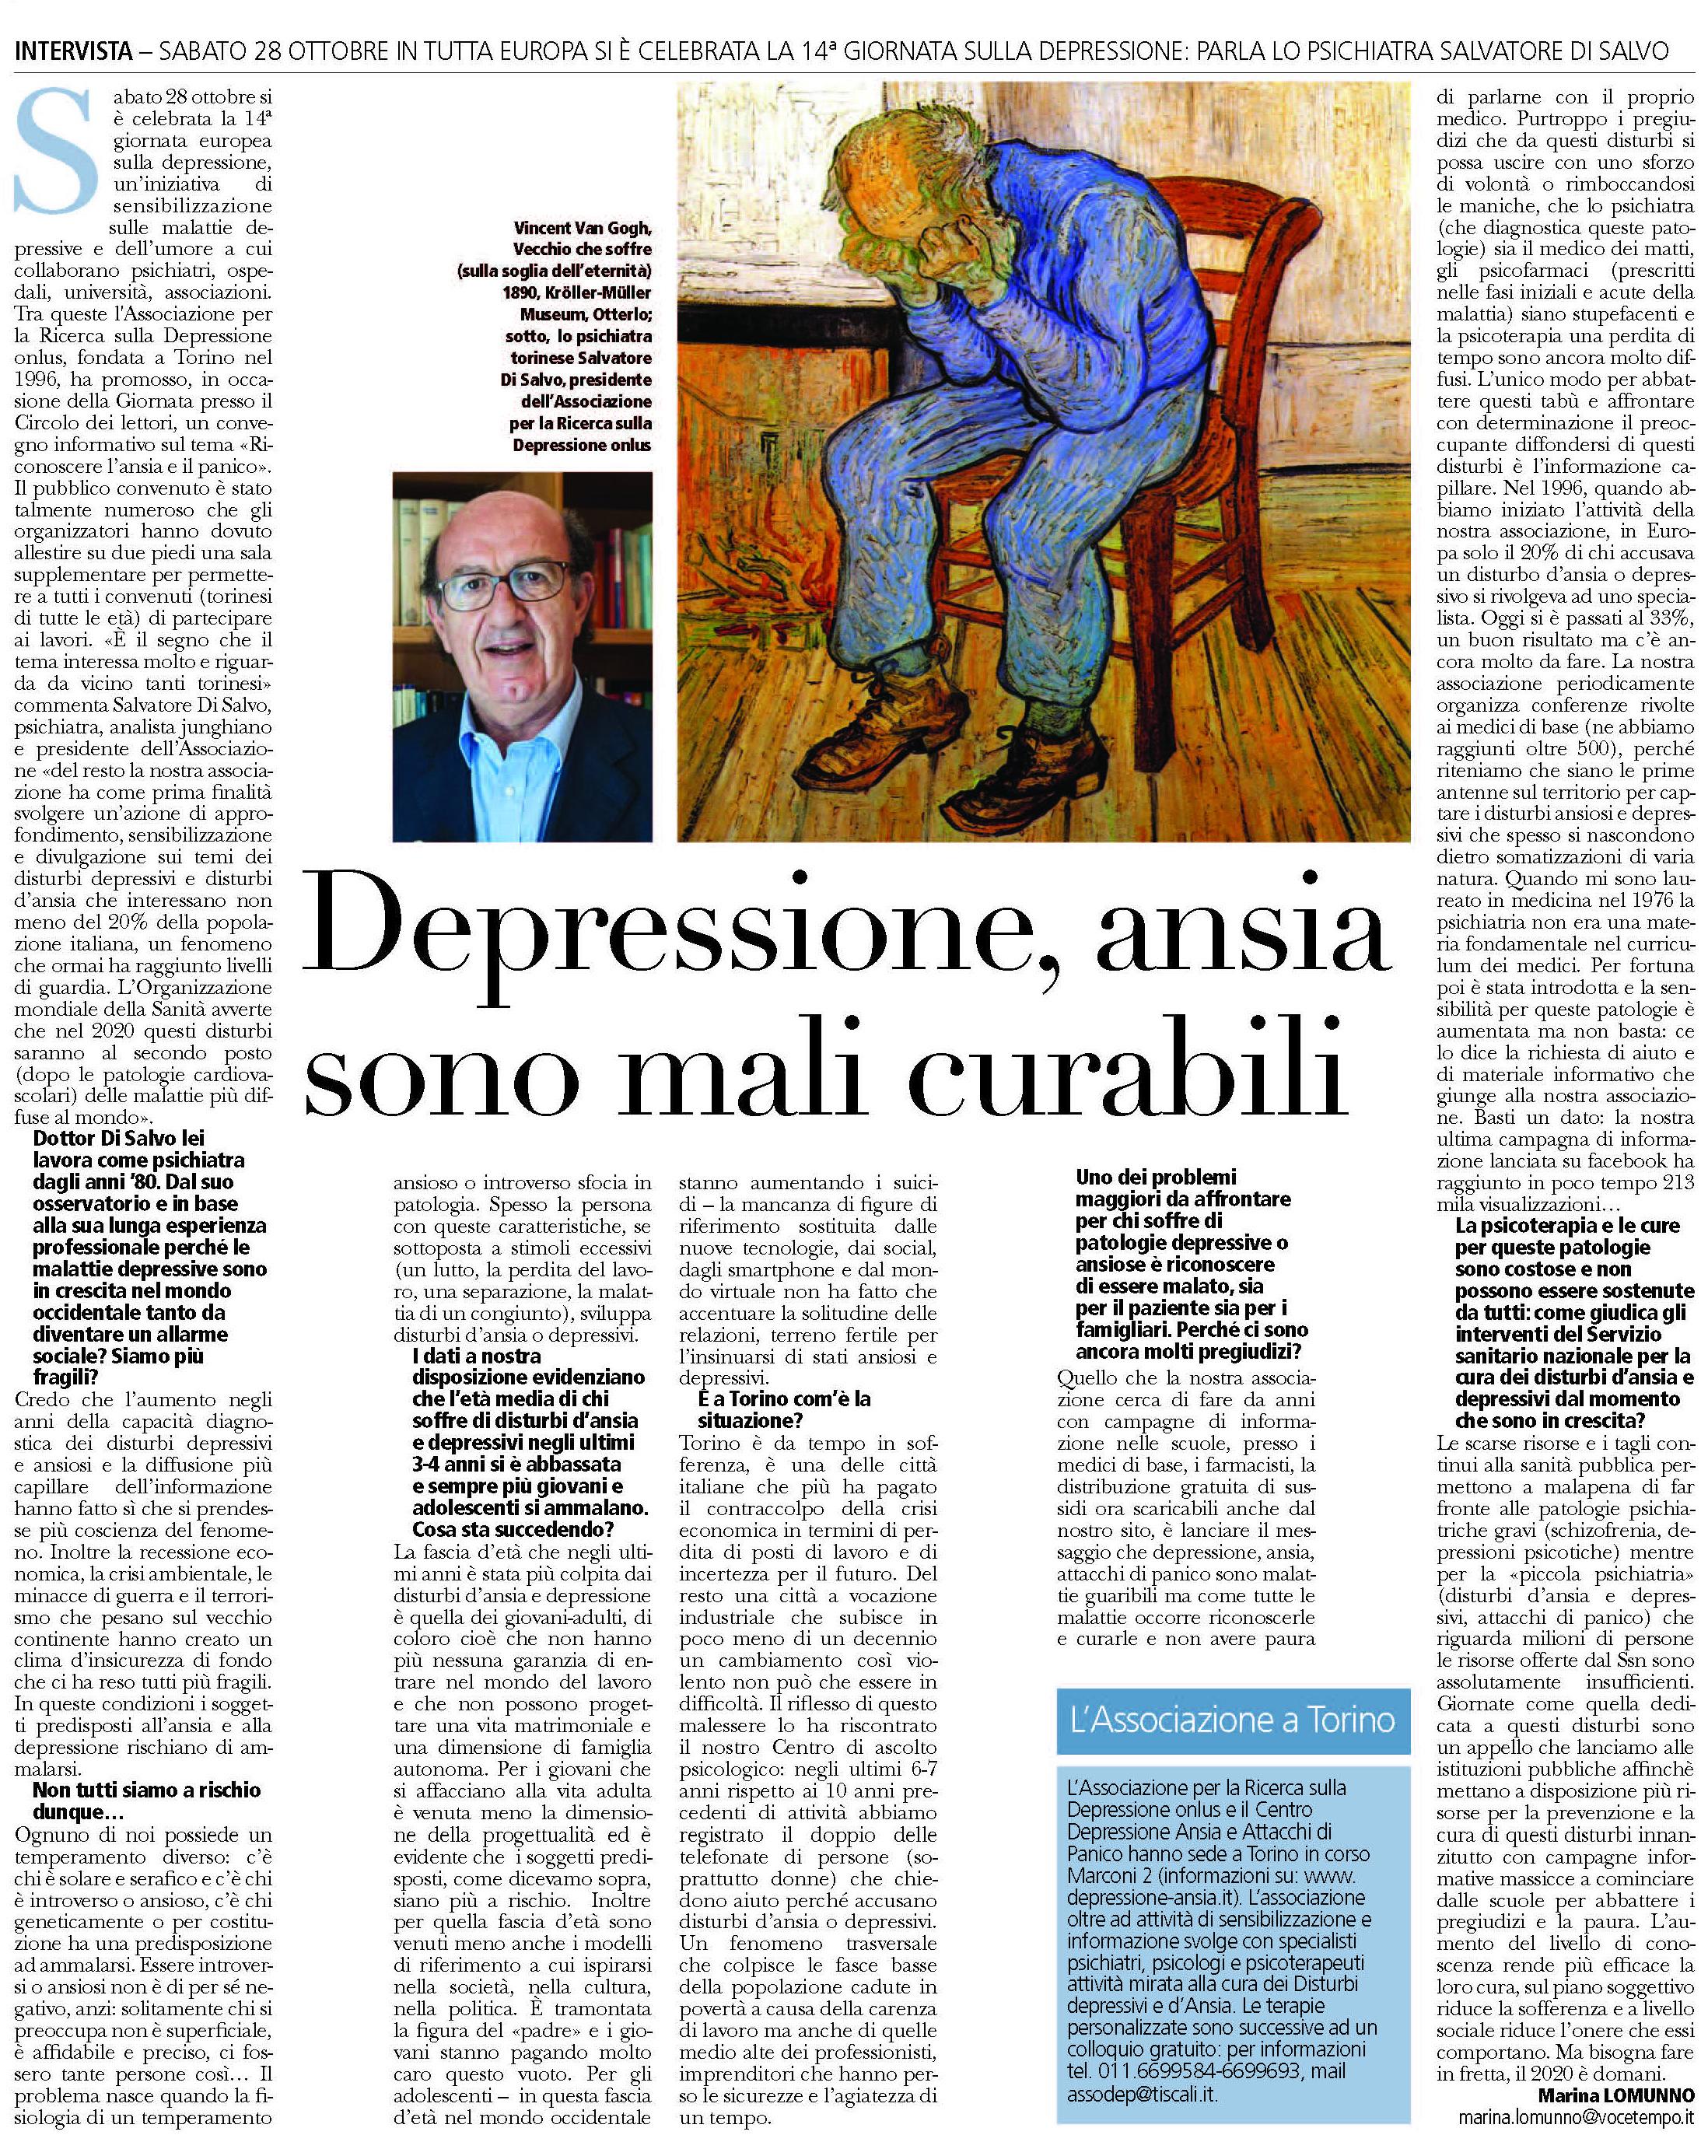 depressione ansia e panico mali curabili